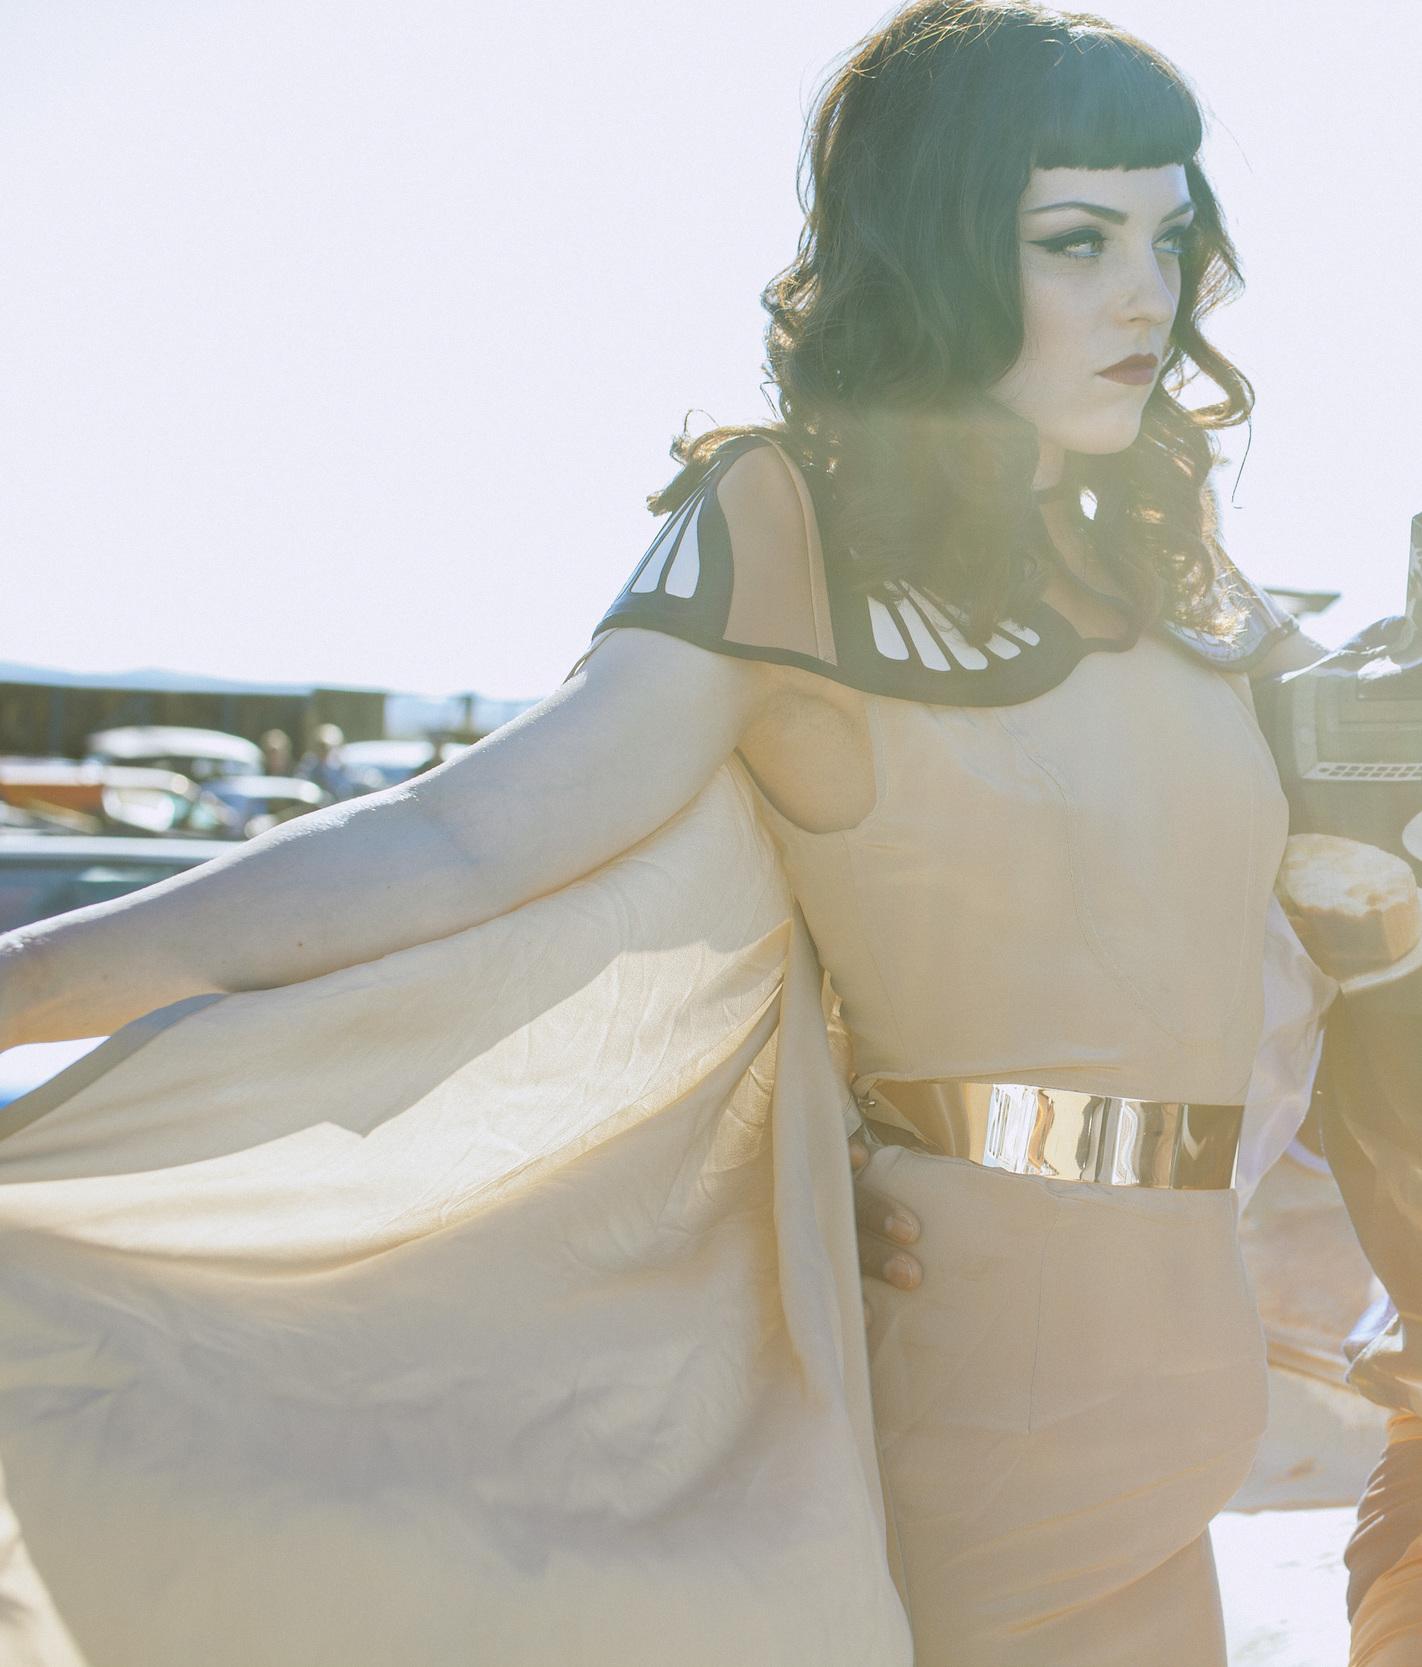 Featured Photo on Wowcracy.com. International Fashion Designer Nina Athanasiou ; Model Kayla Zeleny ; Photographer Andreas Huber